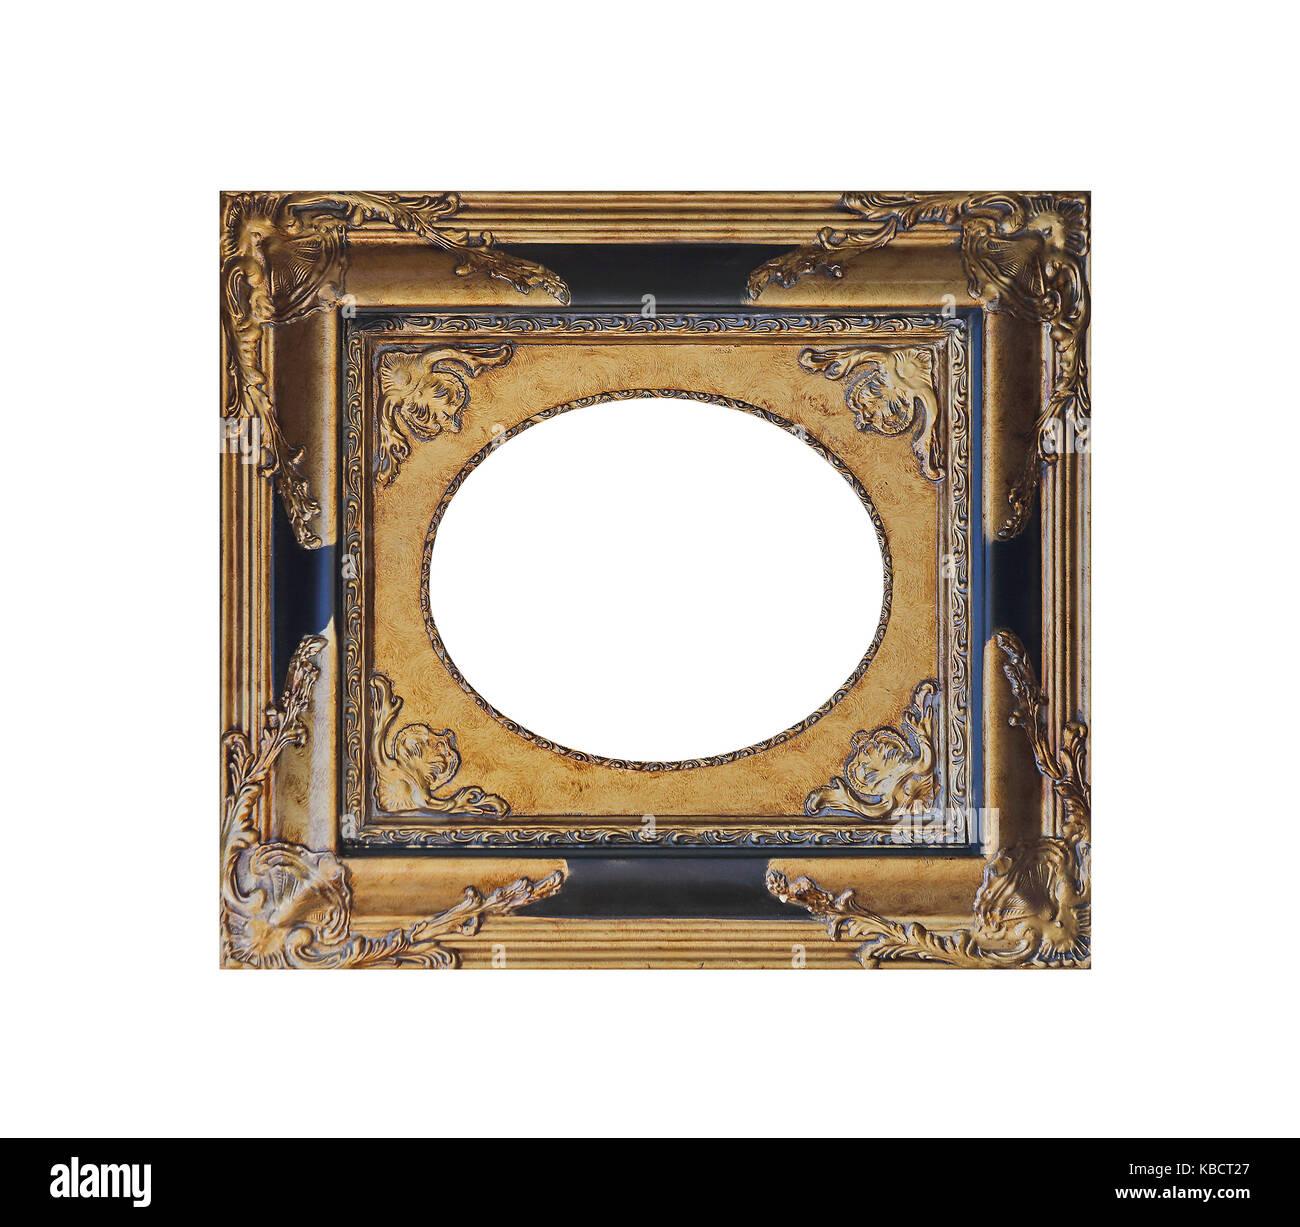 Oval Frame Imágenes De Stock & Oval Frame Fotos De Stock - Alamy